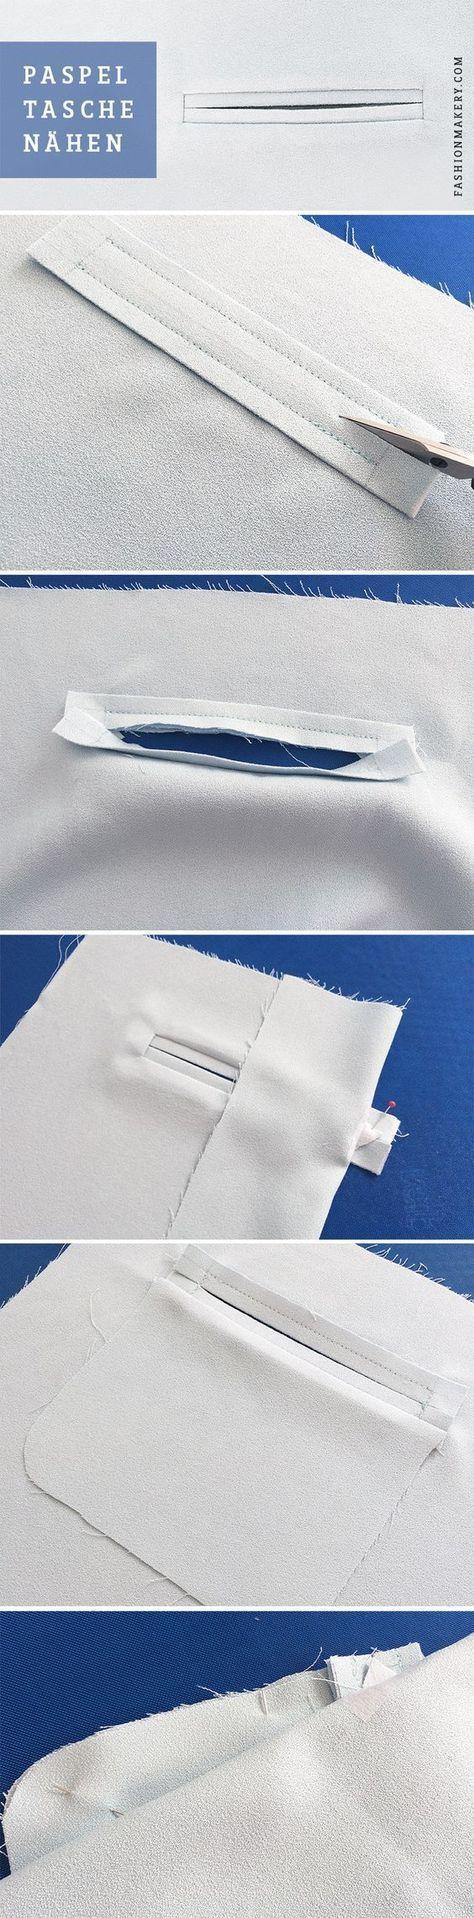 PASPELTASCHE NÄHEN // Paspeltaschen findet man vor allem an Hosen und Blazer od…